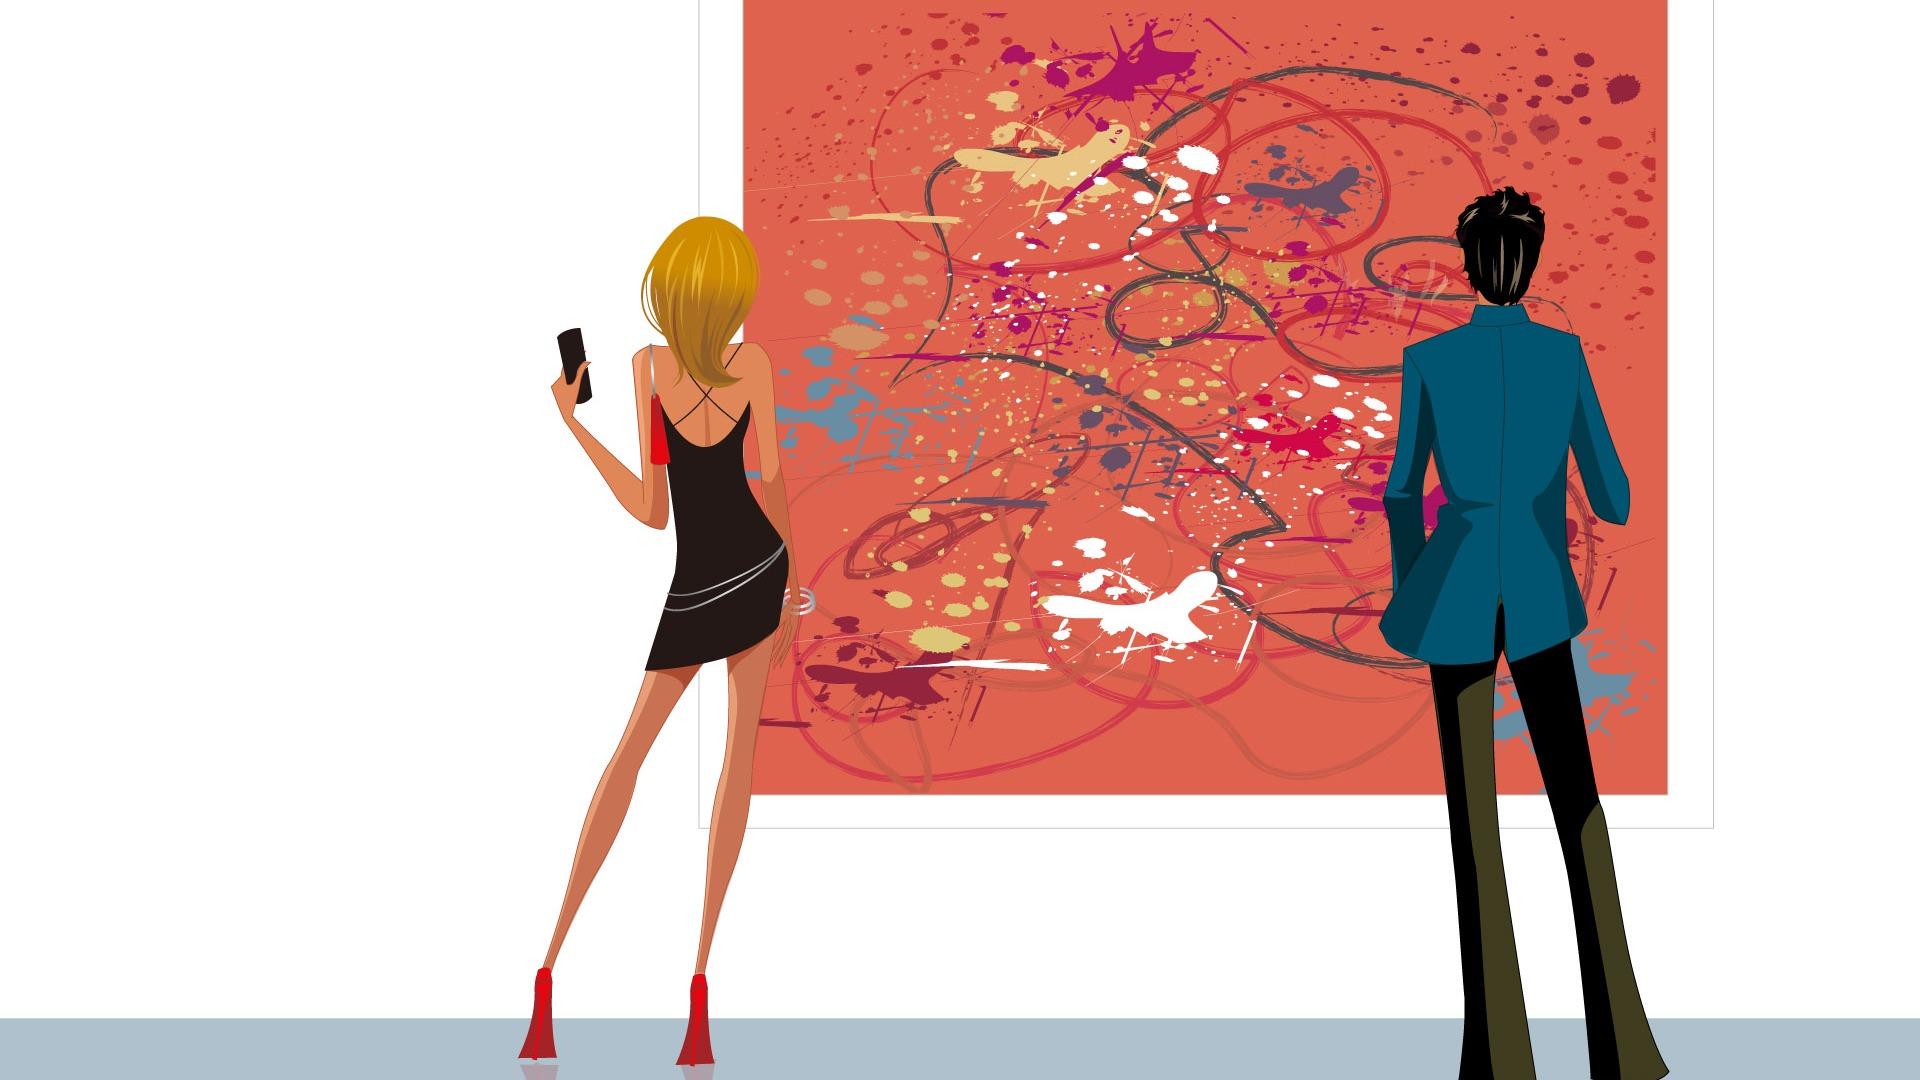 ベクター画像の余暇生活 4 3 19x1080 壁紙ダウンロード ベクター画像の余暇生活 4 アニメーション 壁紙 V3の壁紙